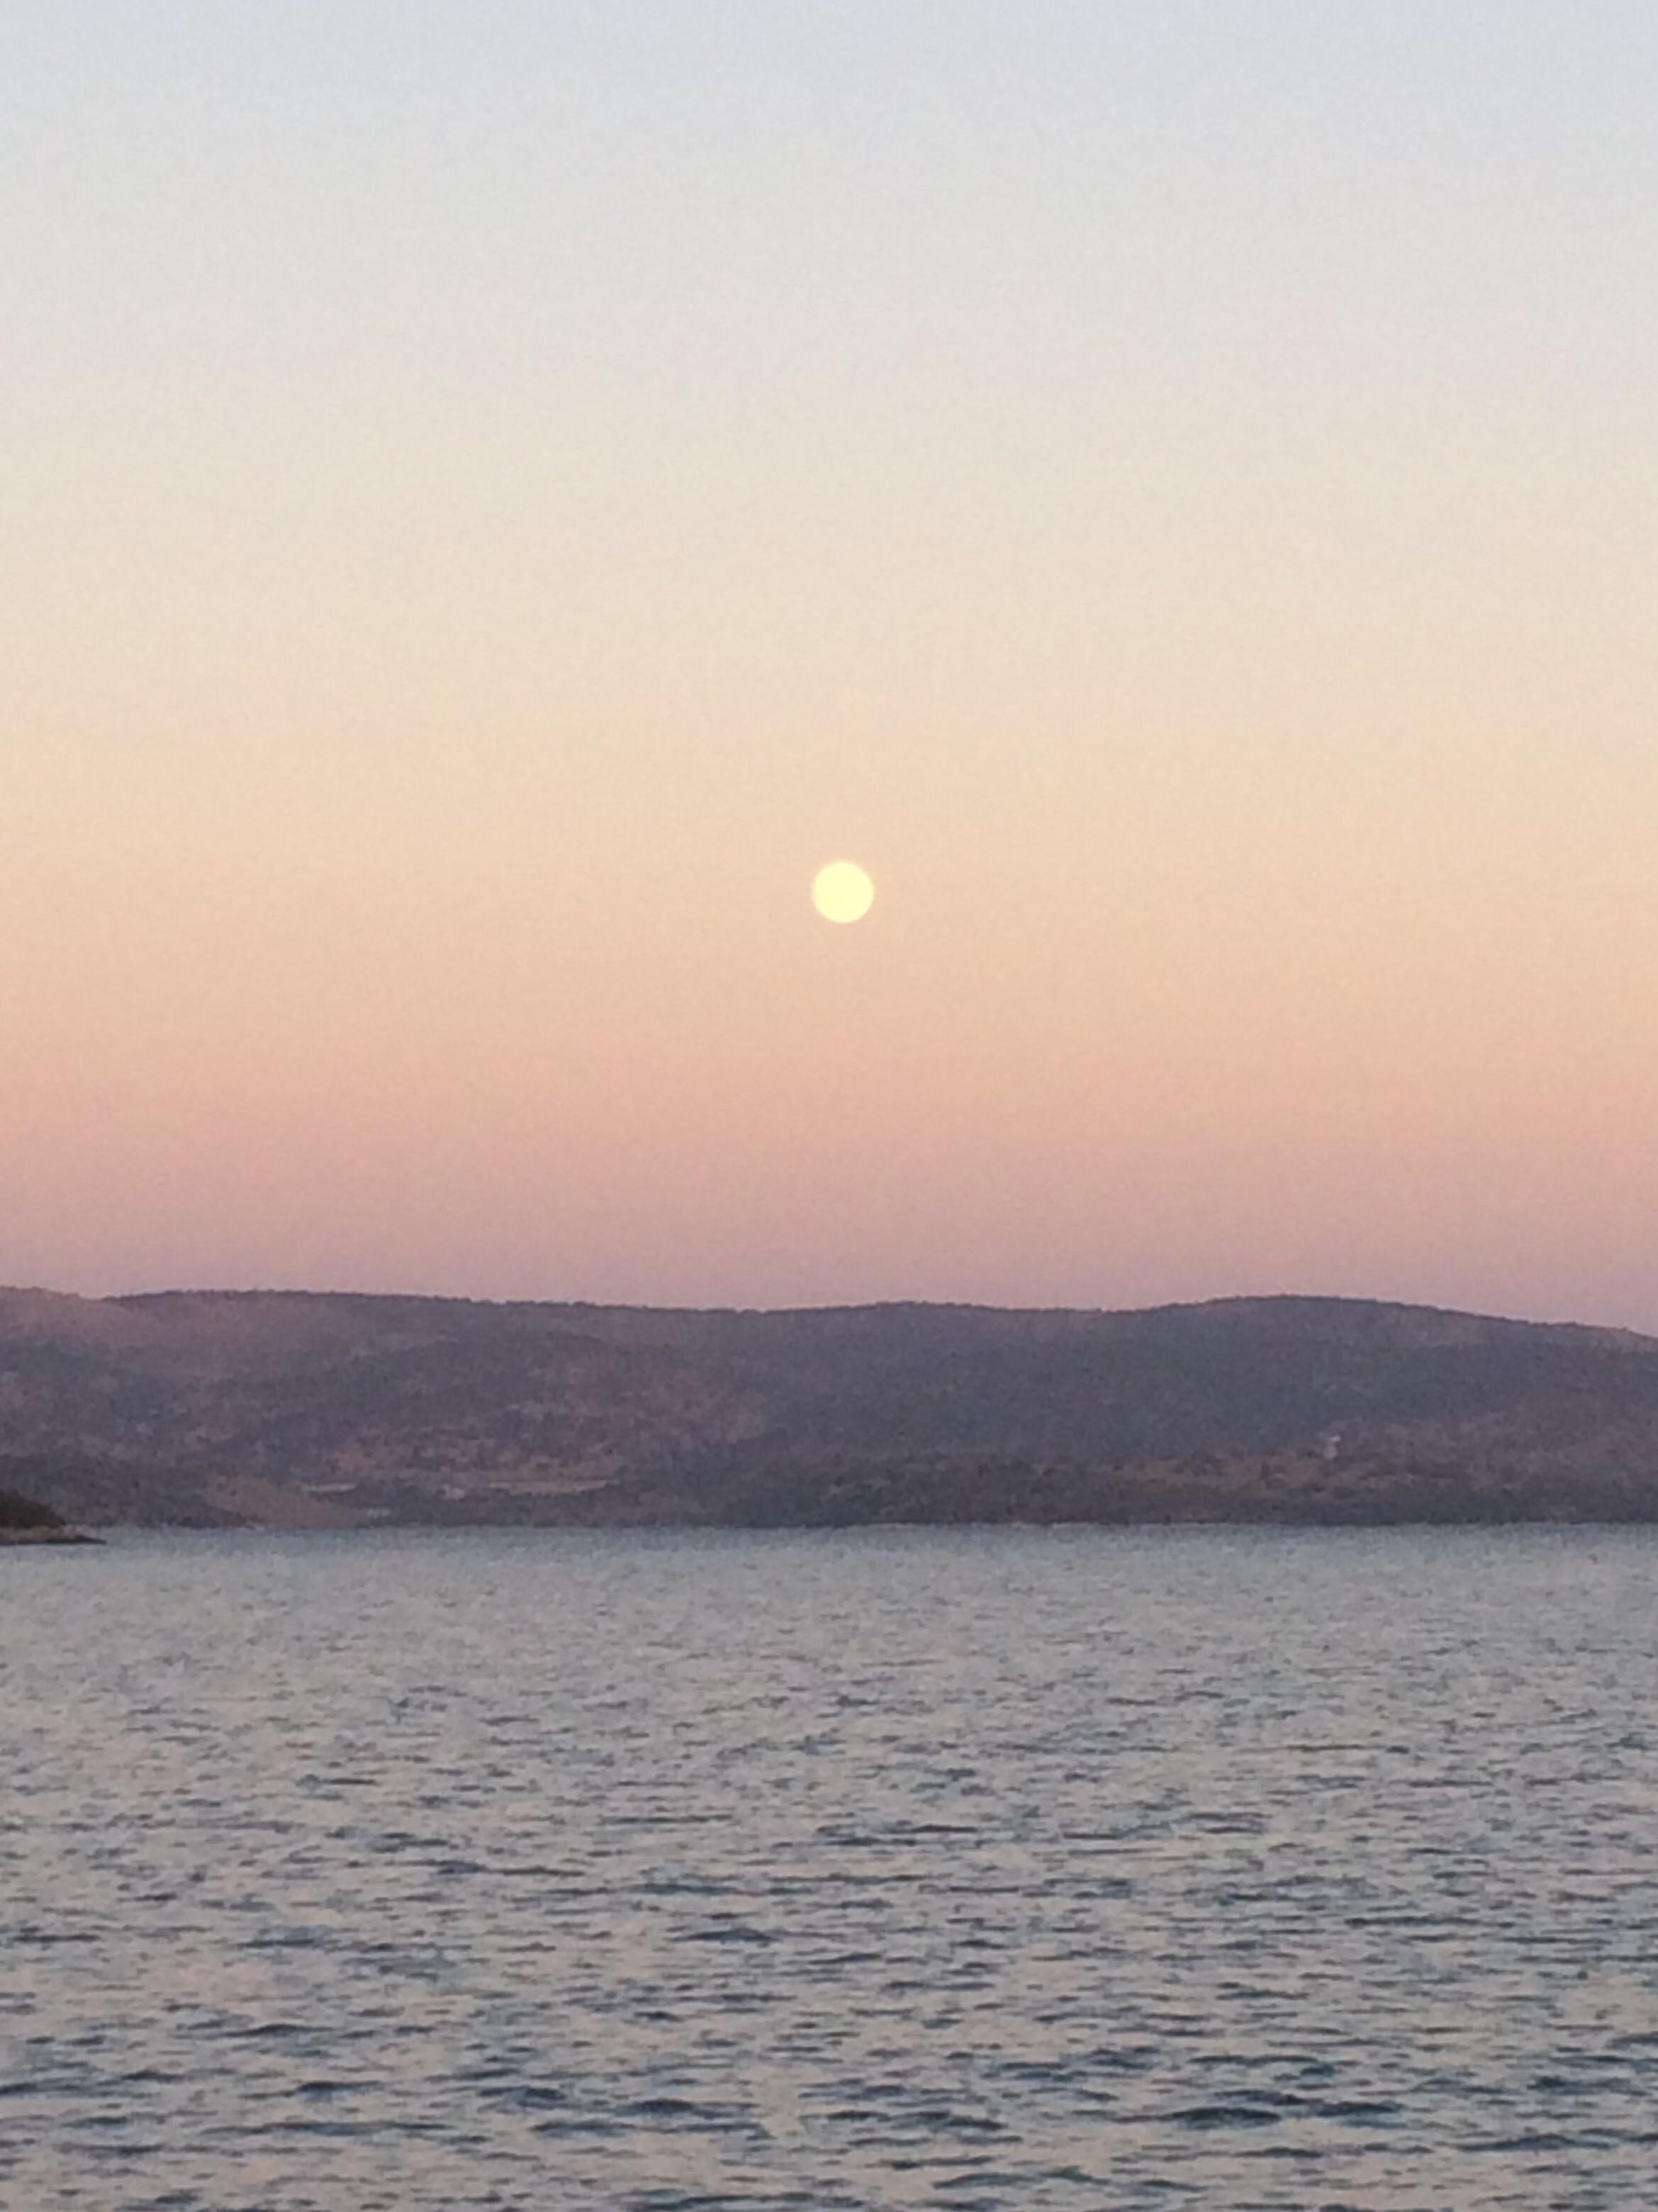 De maan bijna vol en vol